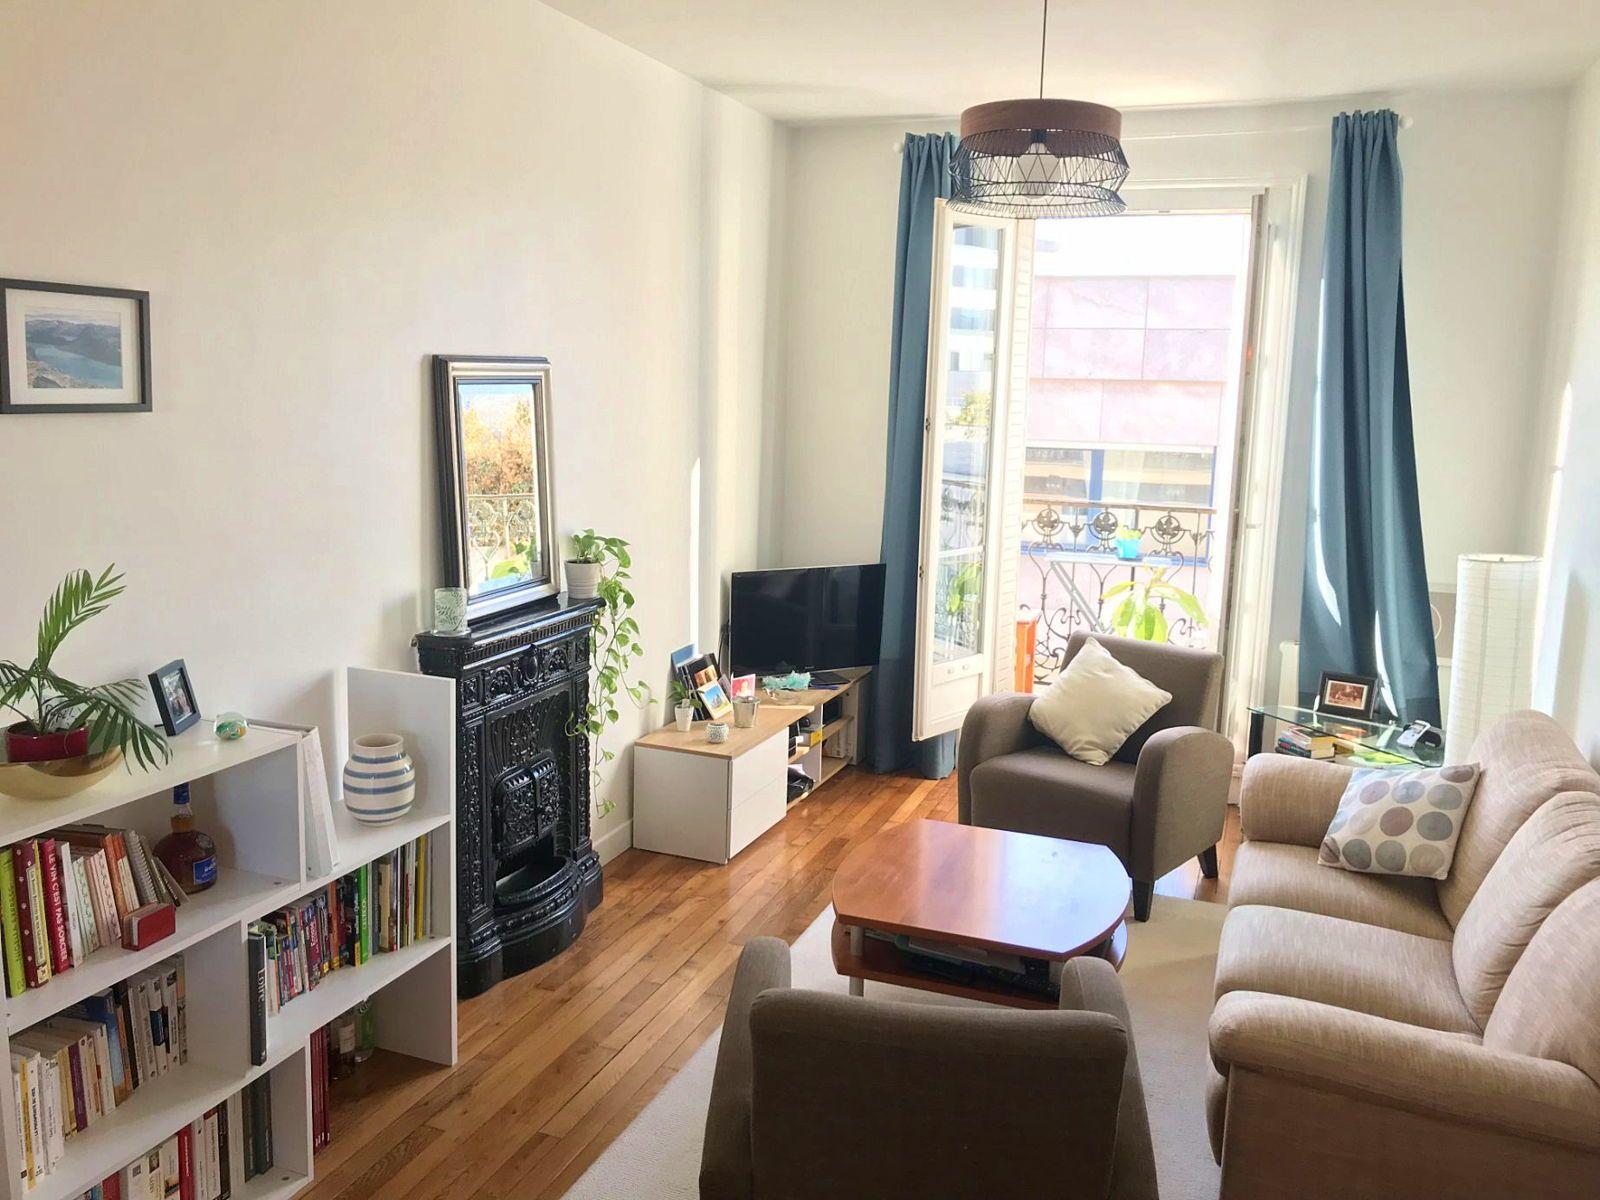 Vends appartement 45m²/1chambre, 5èmeétage, Levallois (92) Proche Paris 17ème